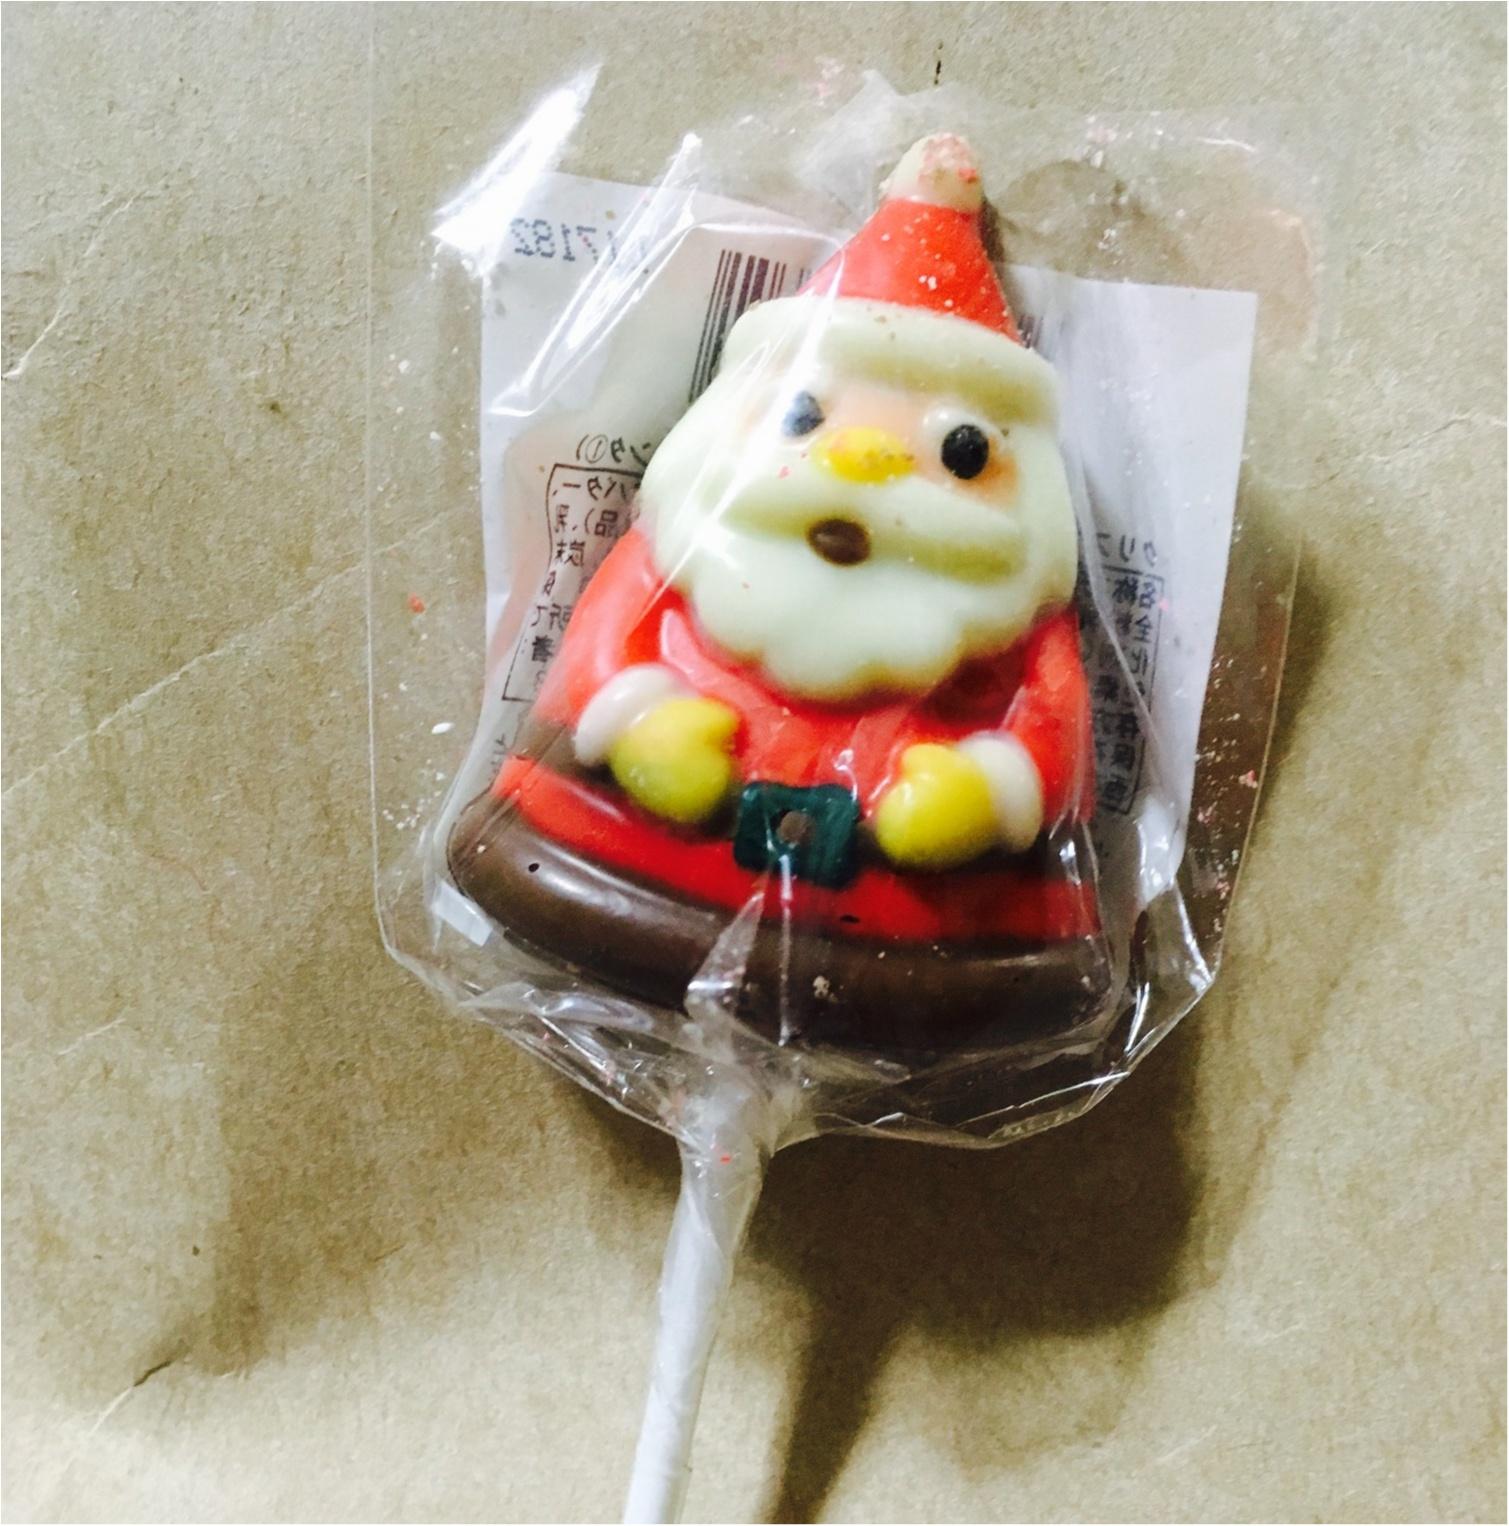 カルディはクリスマスムード満載!おすすめクリスマスグッズ3選_6